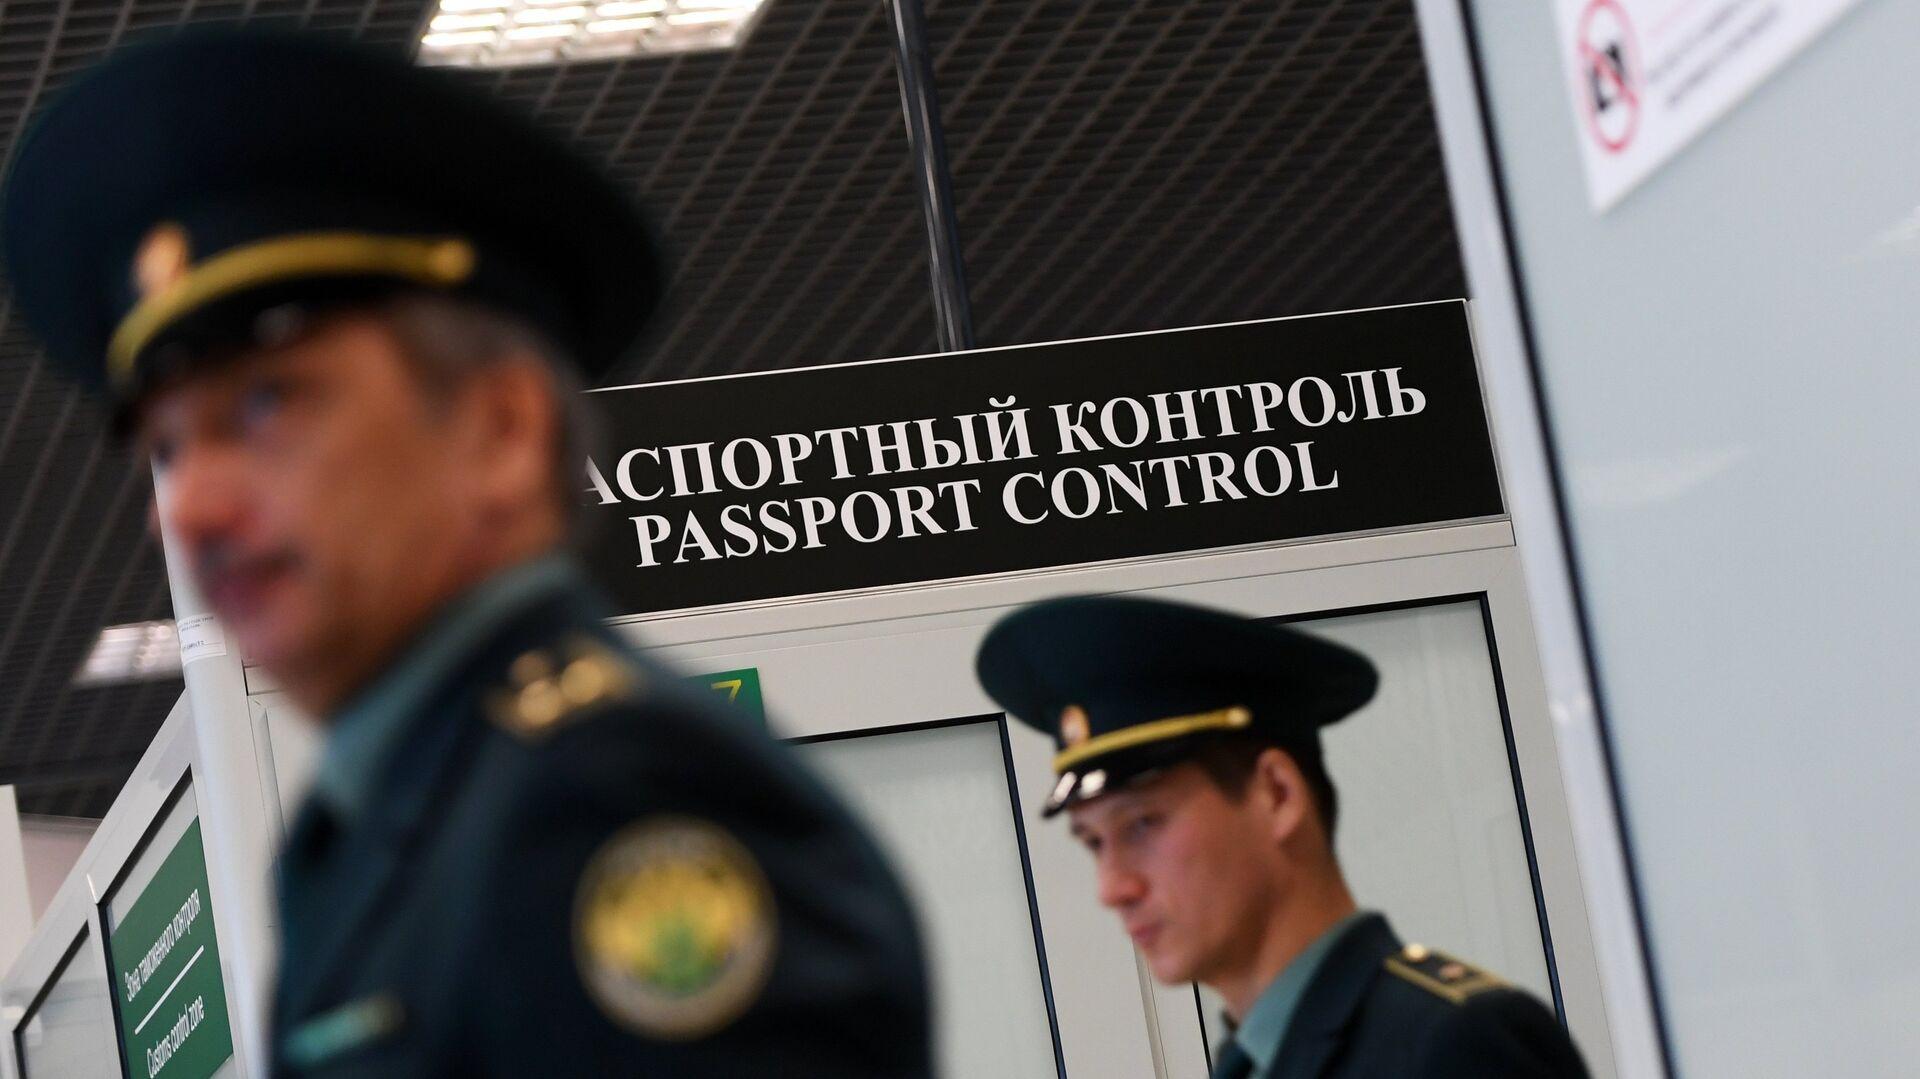 Зона паспортного контроля  - РИА Новости, 1920, 07.09.2021